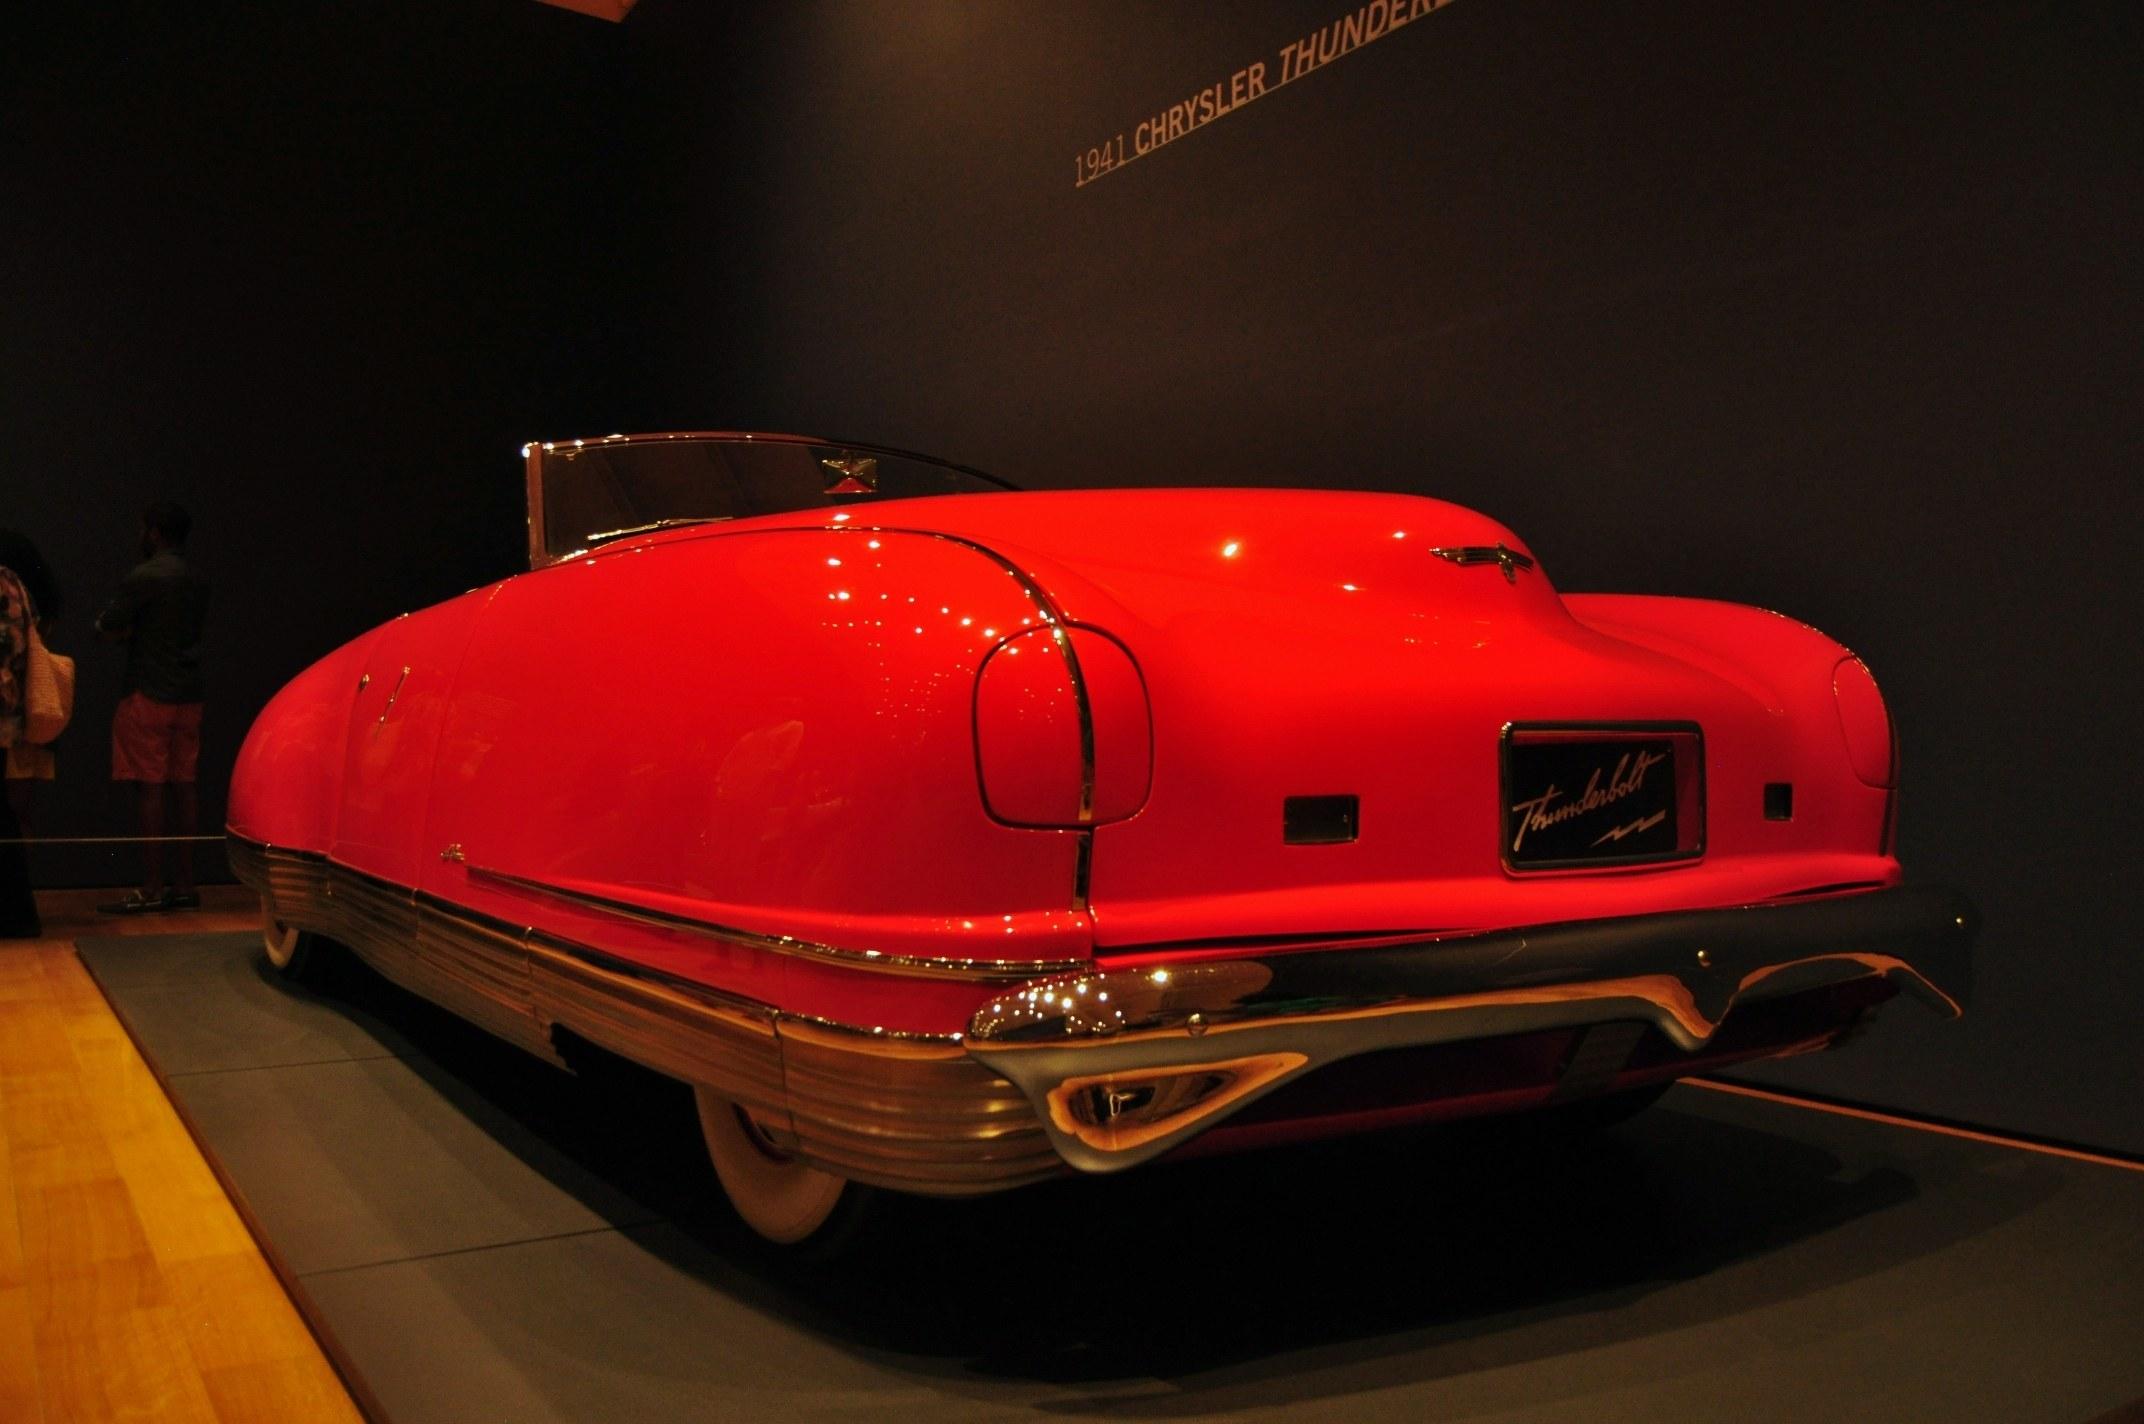 Atlanta Dream Cars Showcase 1941 Chrysler Thunderbolt Is